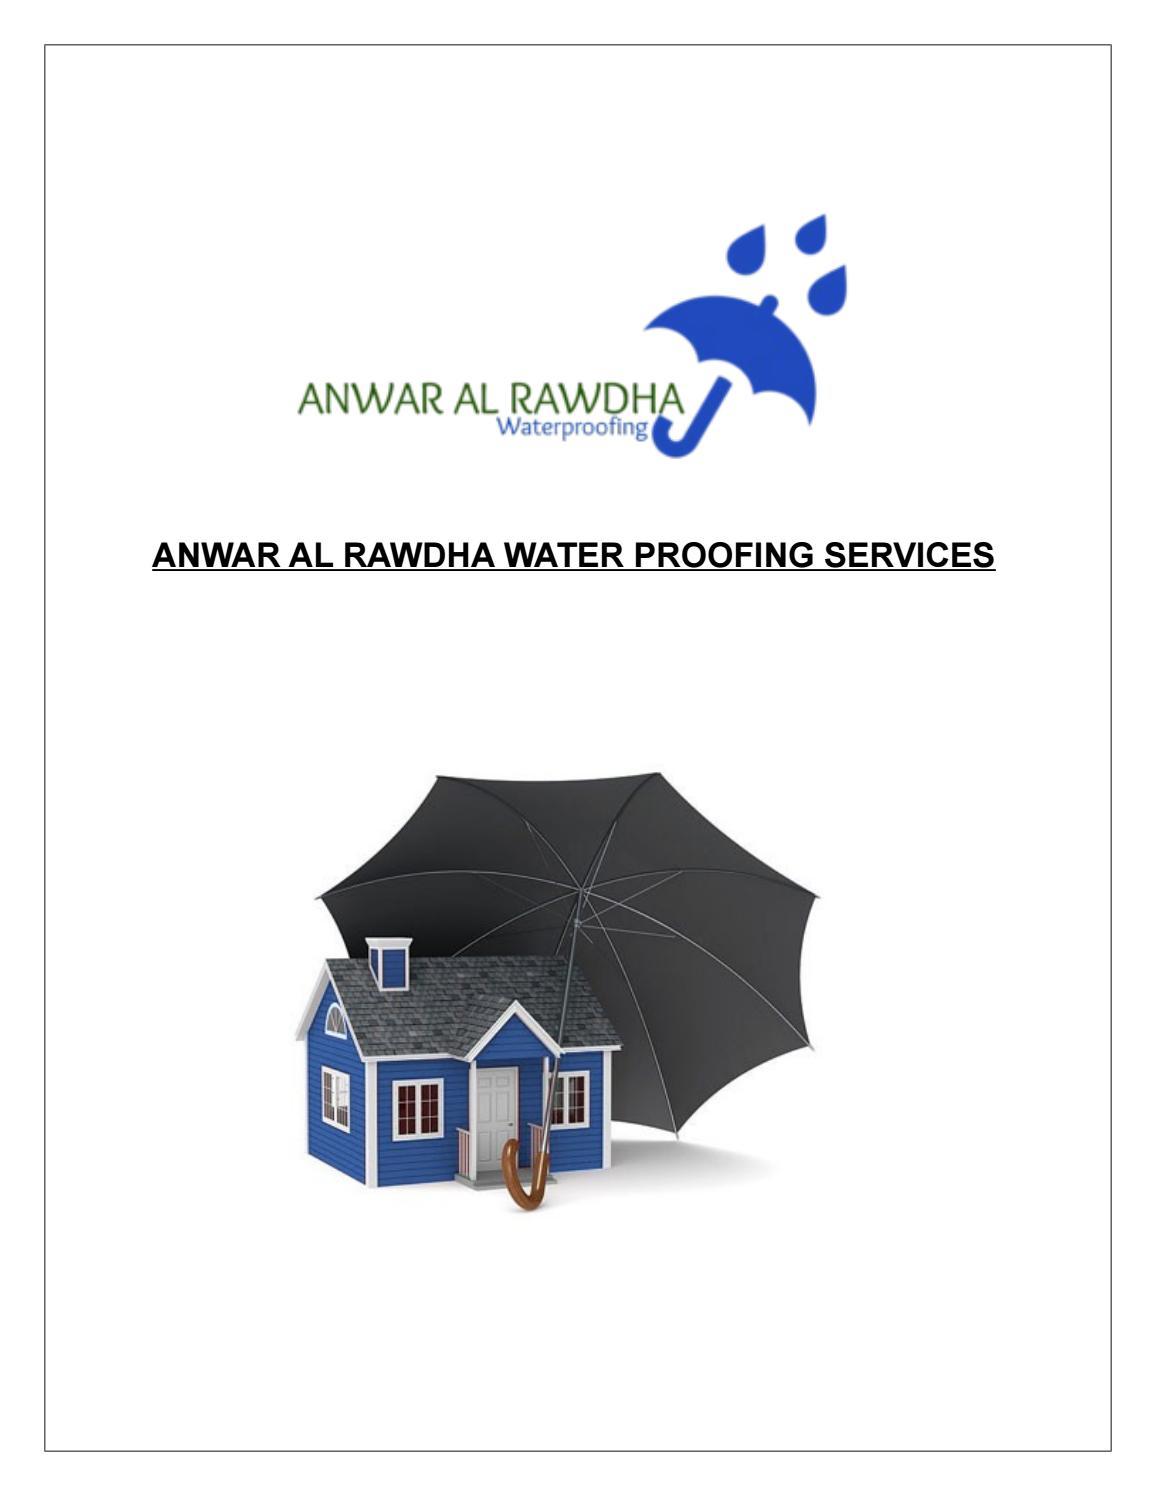 Best Waterproofing Services provider in UAE by ANWAR AL